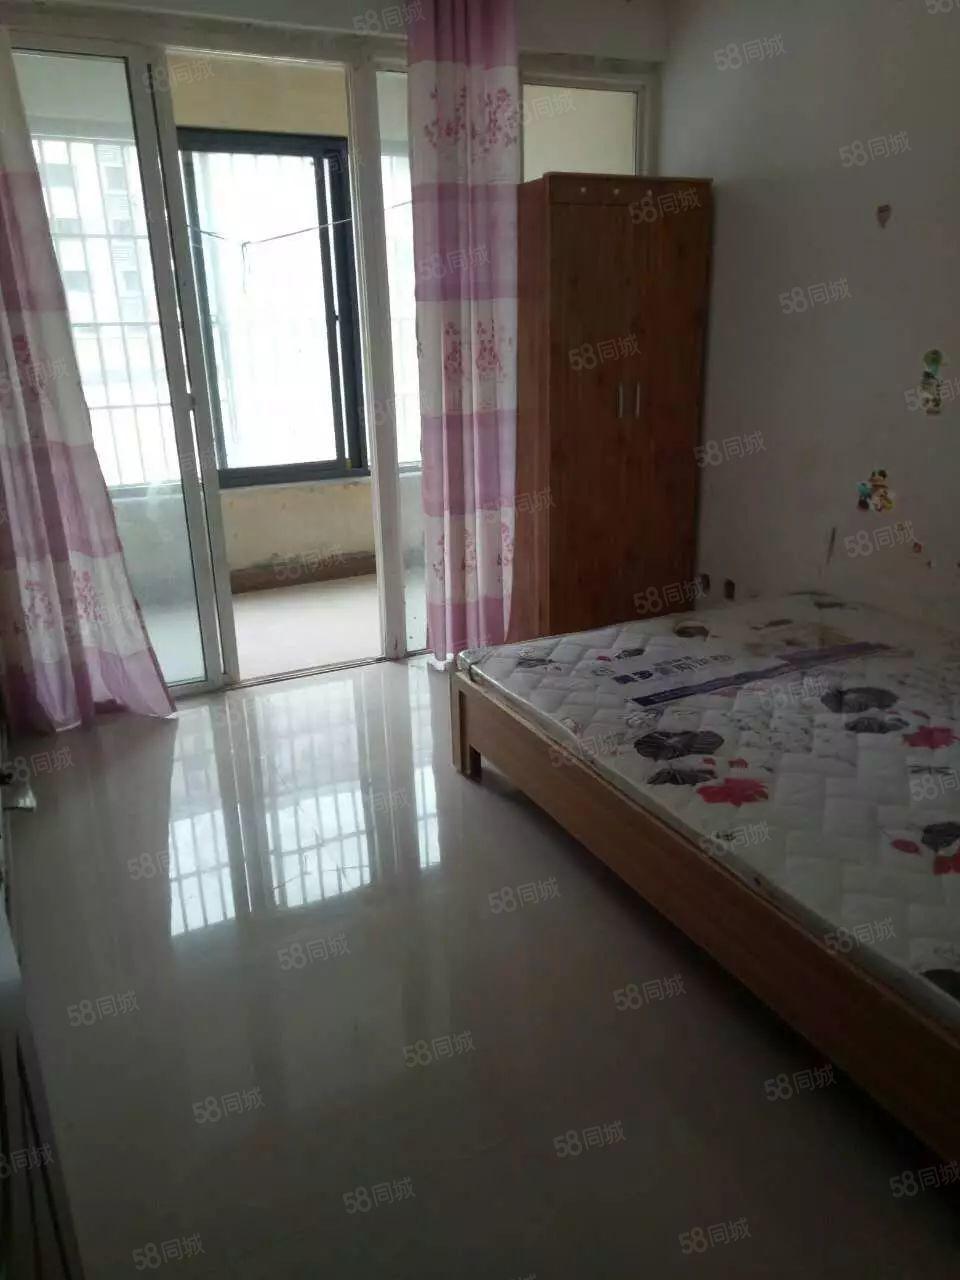 桂园小区一室一厅,家电齐全,拎包入住。